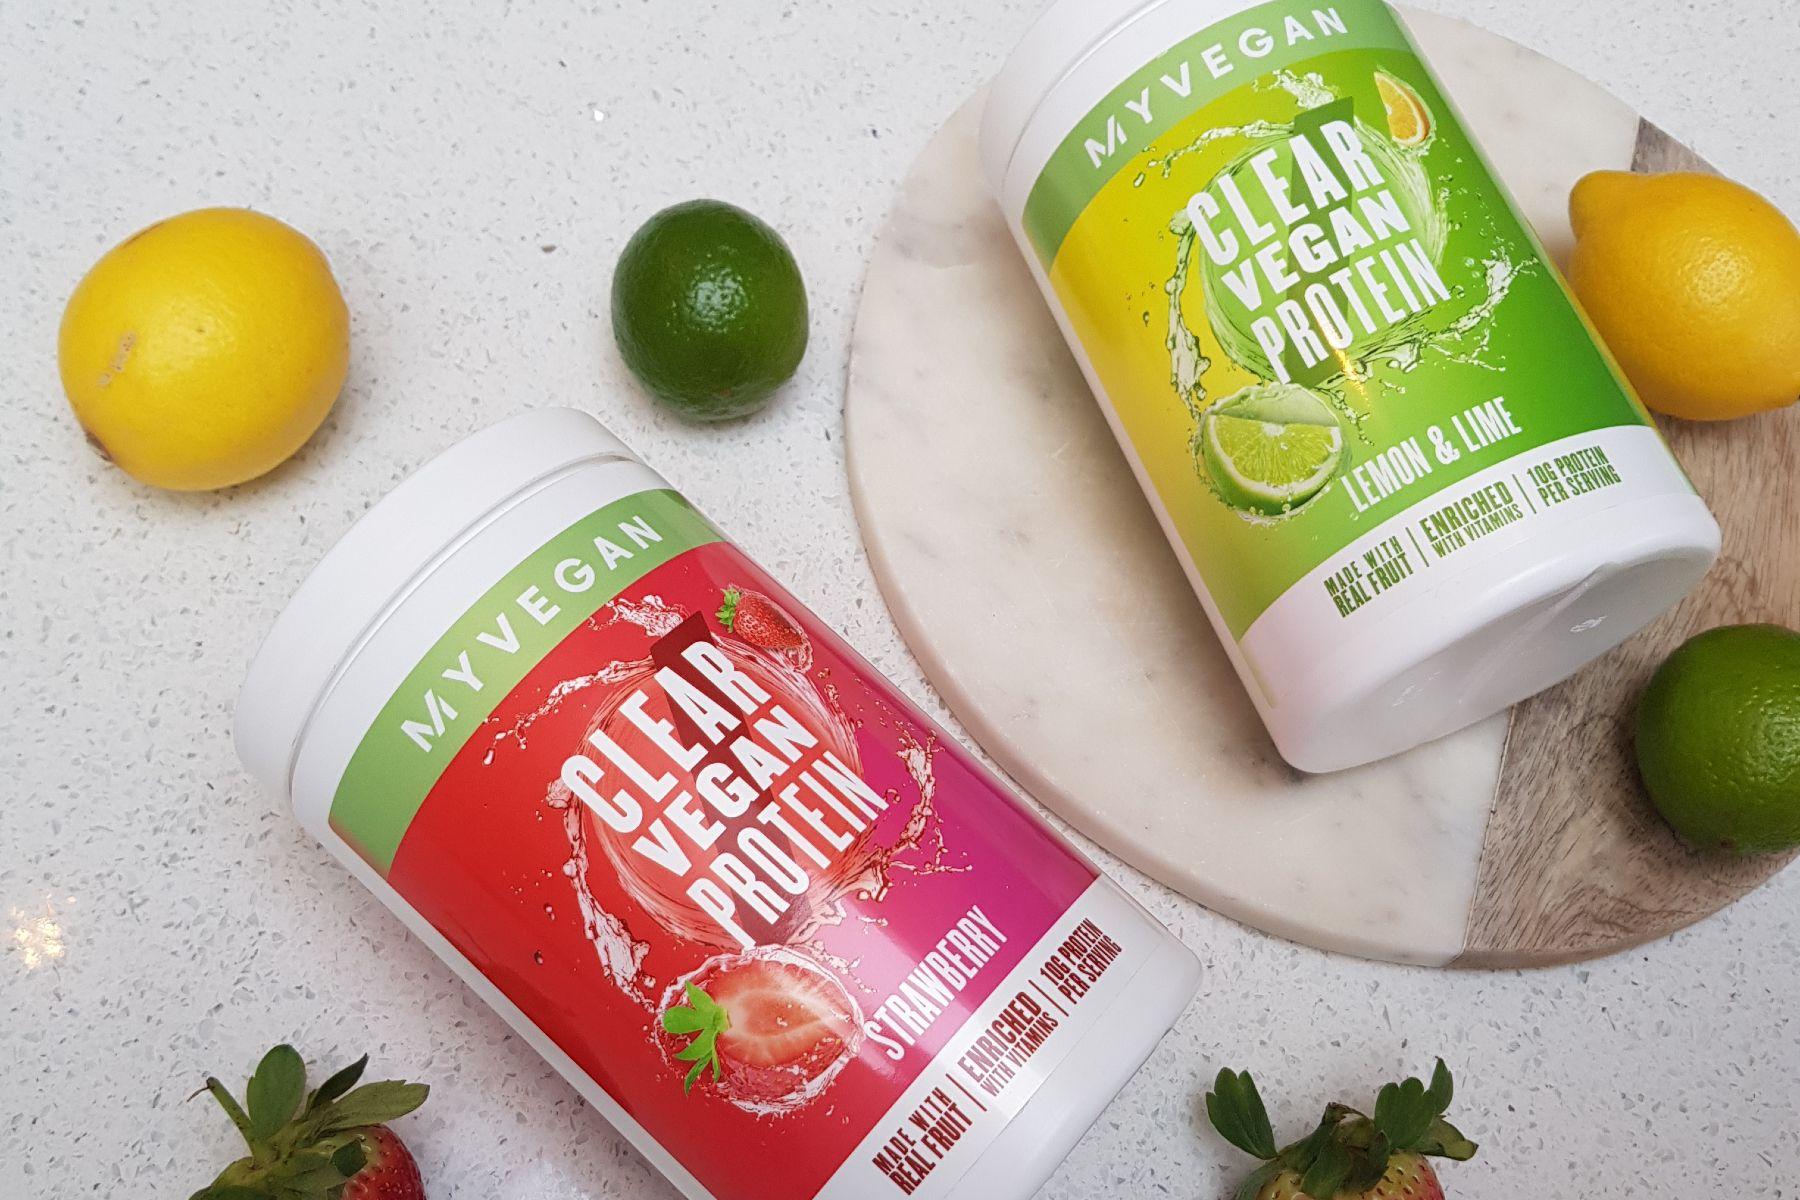 Новинка Clear Vegan Protein I Растительный протеин со вкусом фруктов